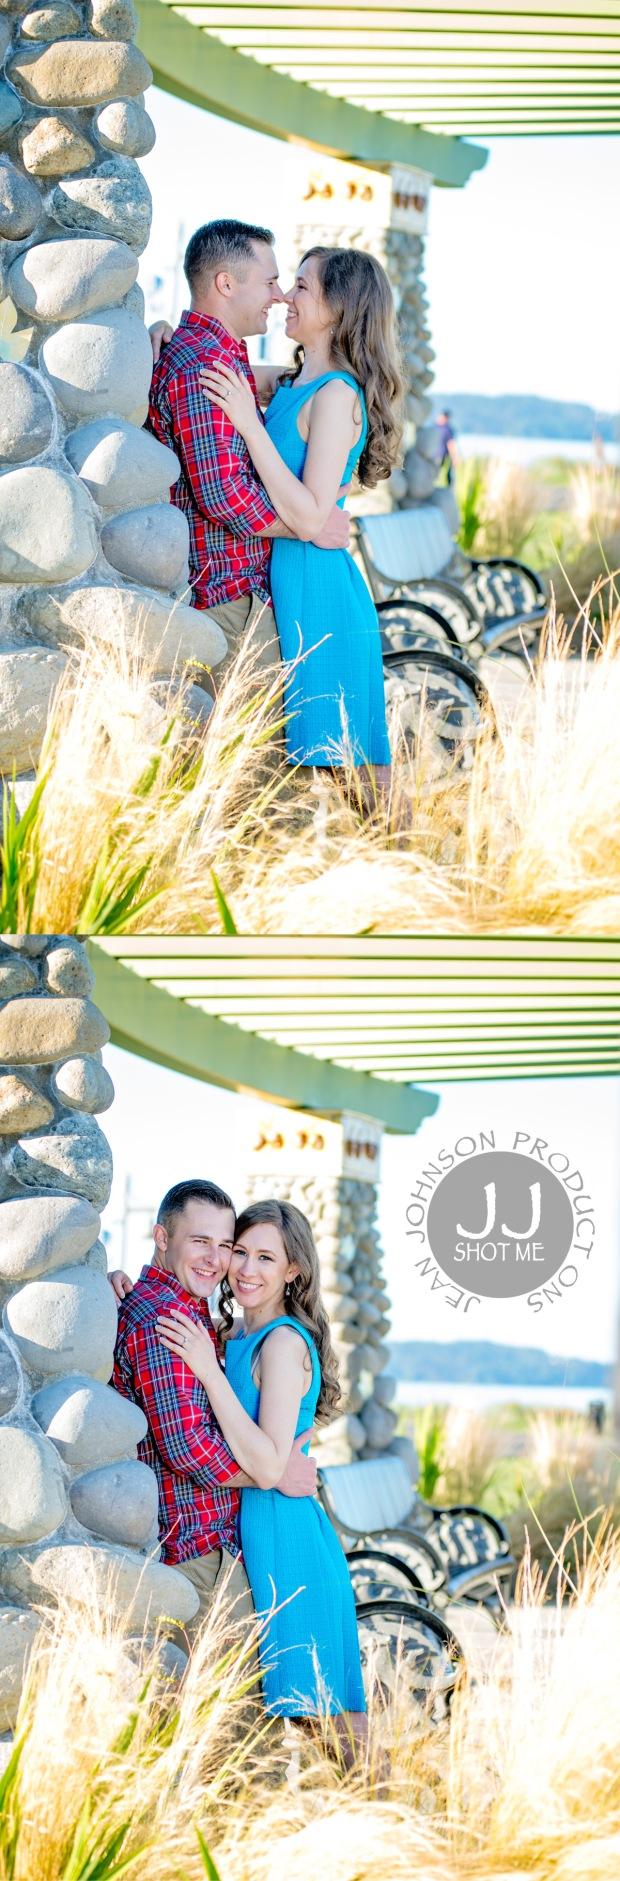 jjshotme-engagement-stone